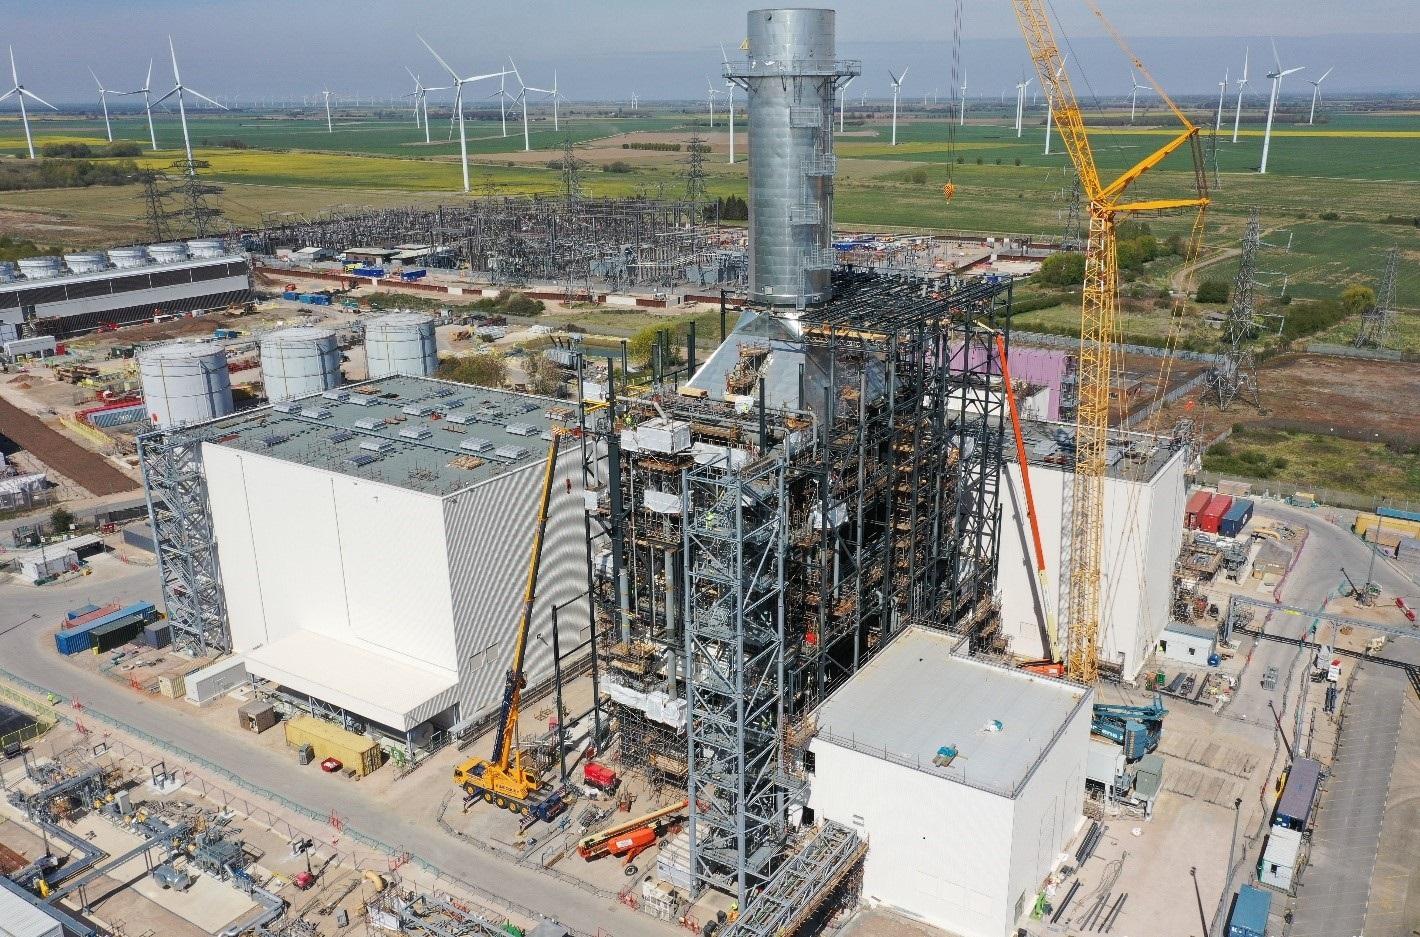 Ciclo Combinado Keadby 2 - 840 MW (UK)